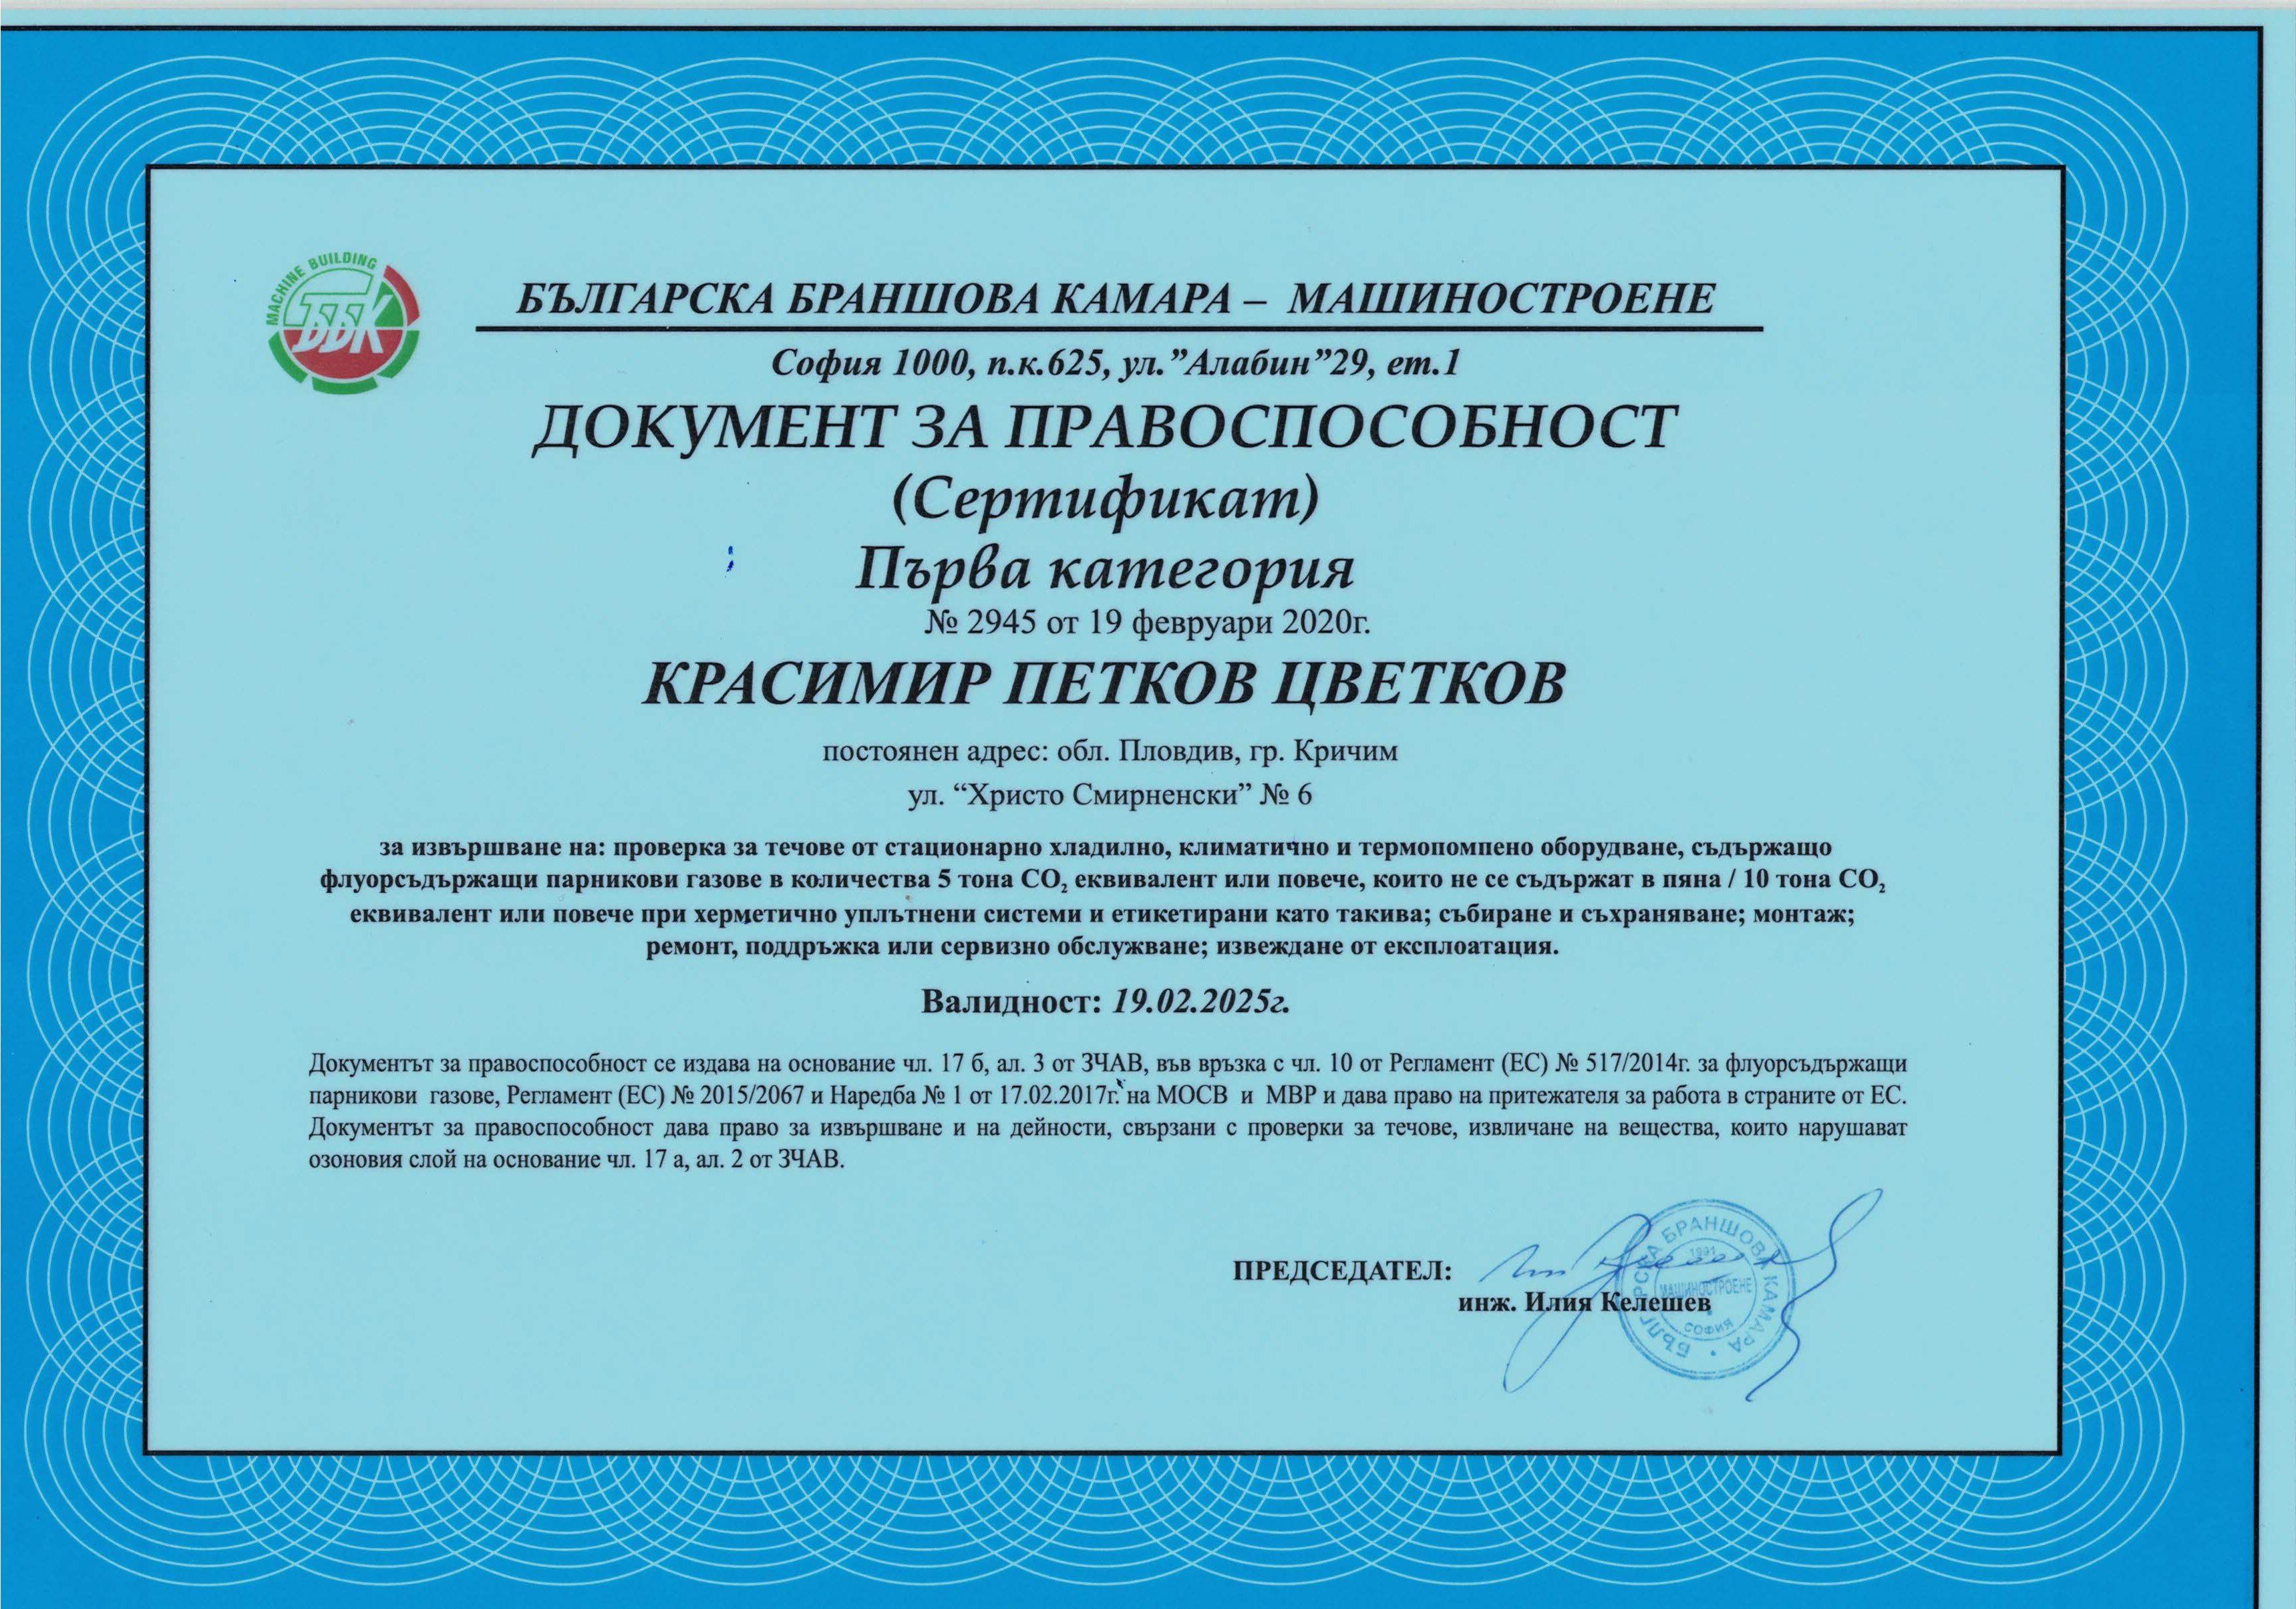 Сертификат I категория – Красимир Цветков